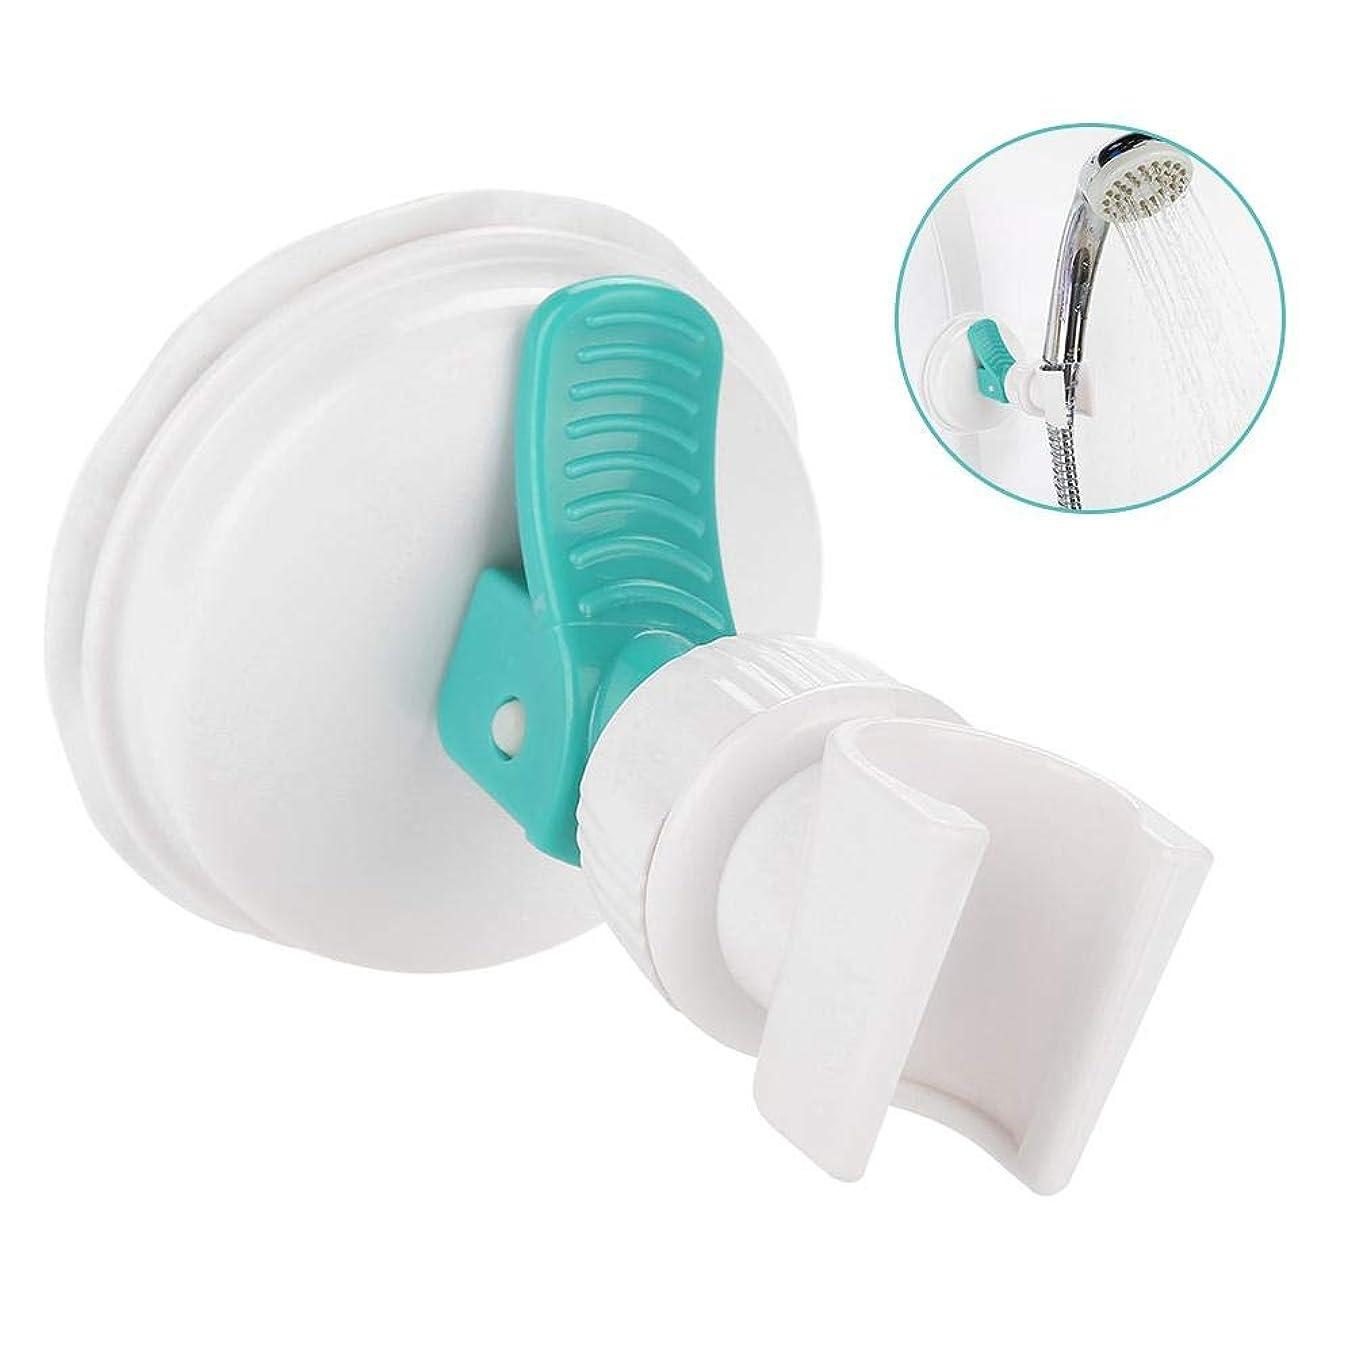 影のある忘れるソビエトSemmeのシャワー?ヘッドのホールダー、妊娠中の女性、高齢者および子供のための極度の強い吸引のコップのシャワー?ヘッド調節可能な壁ブラケットの手の自由で快適なシャワー